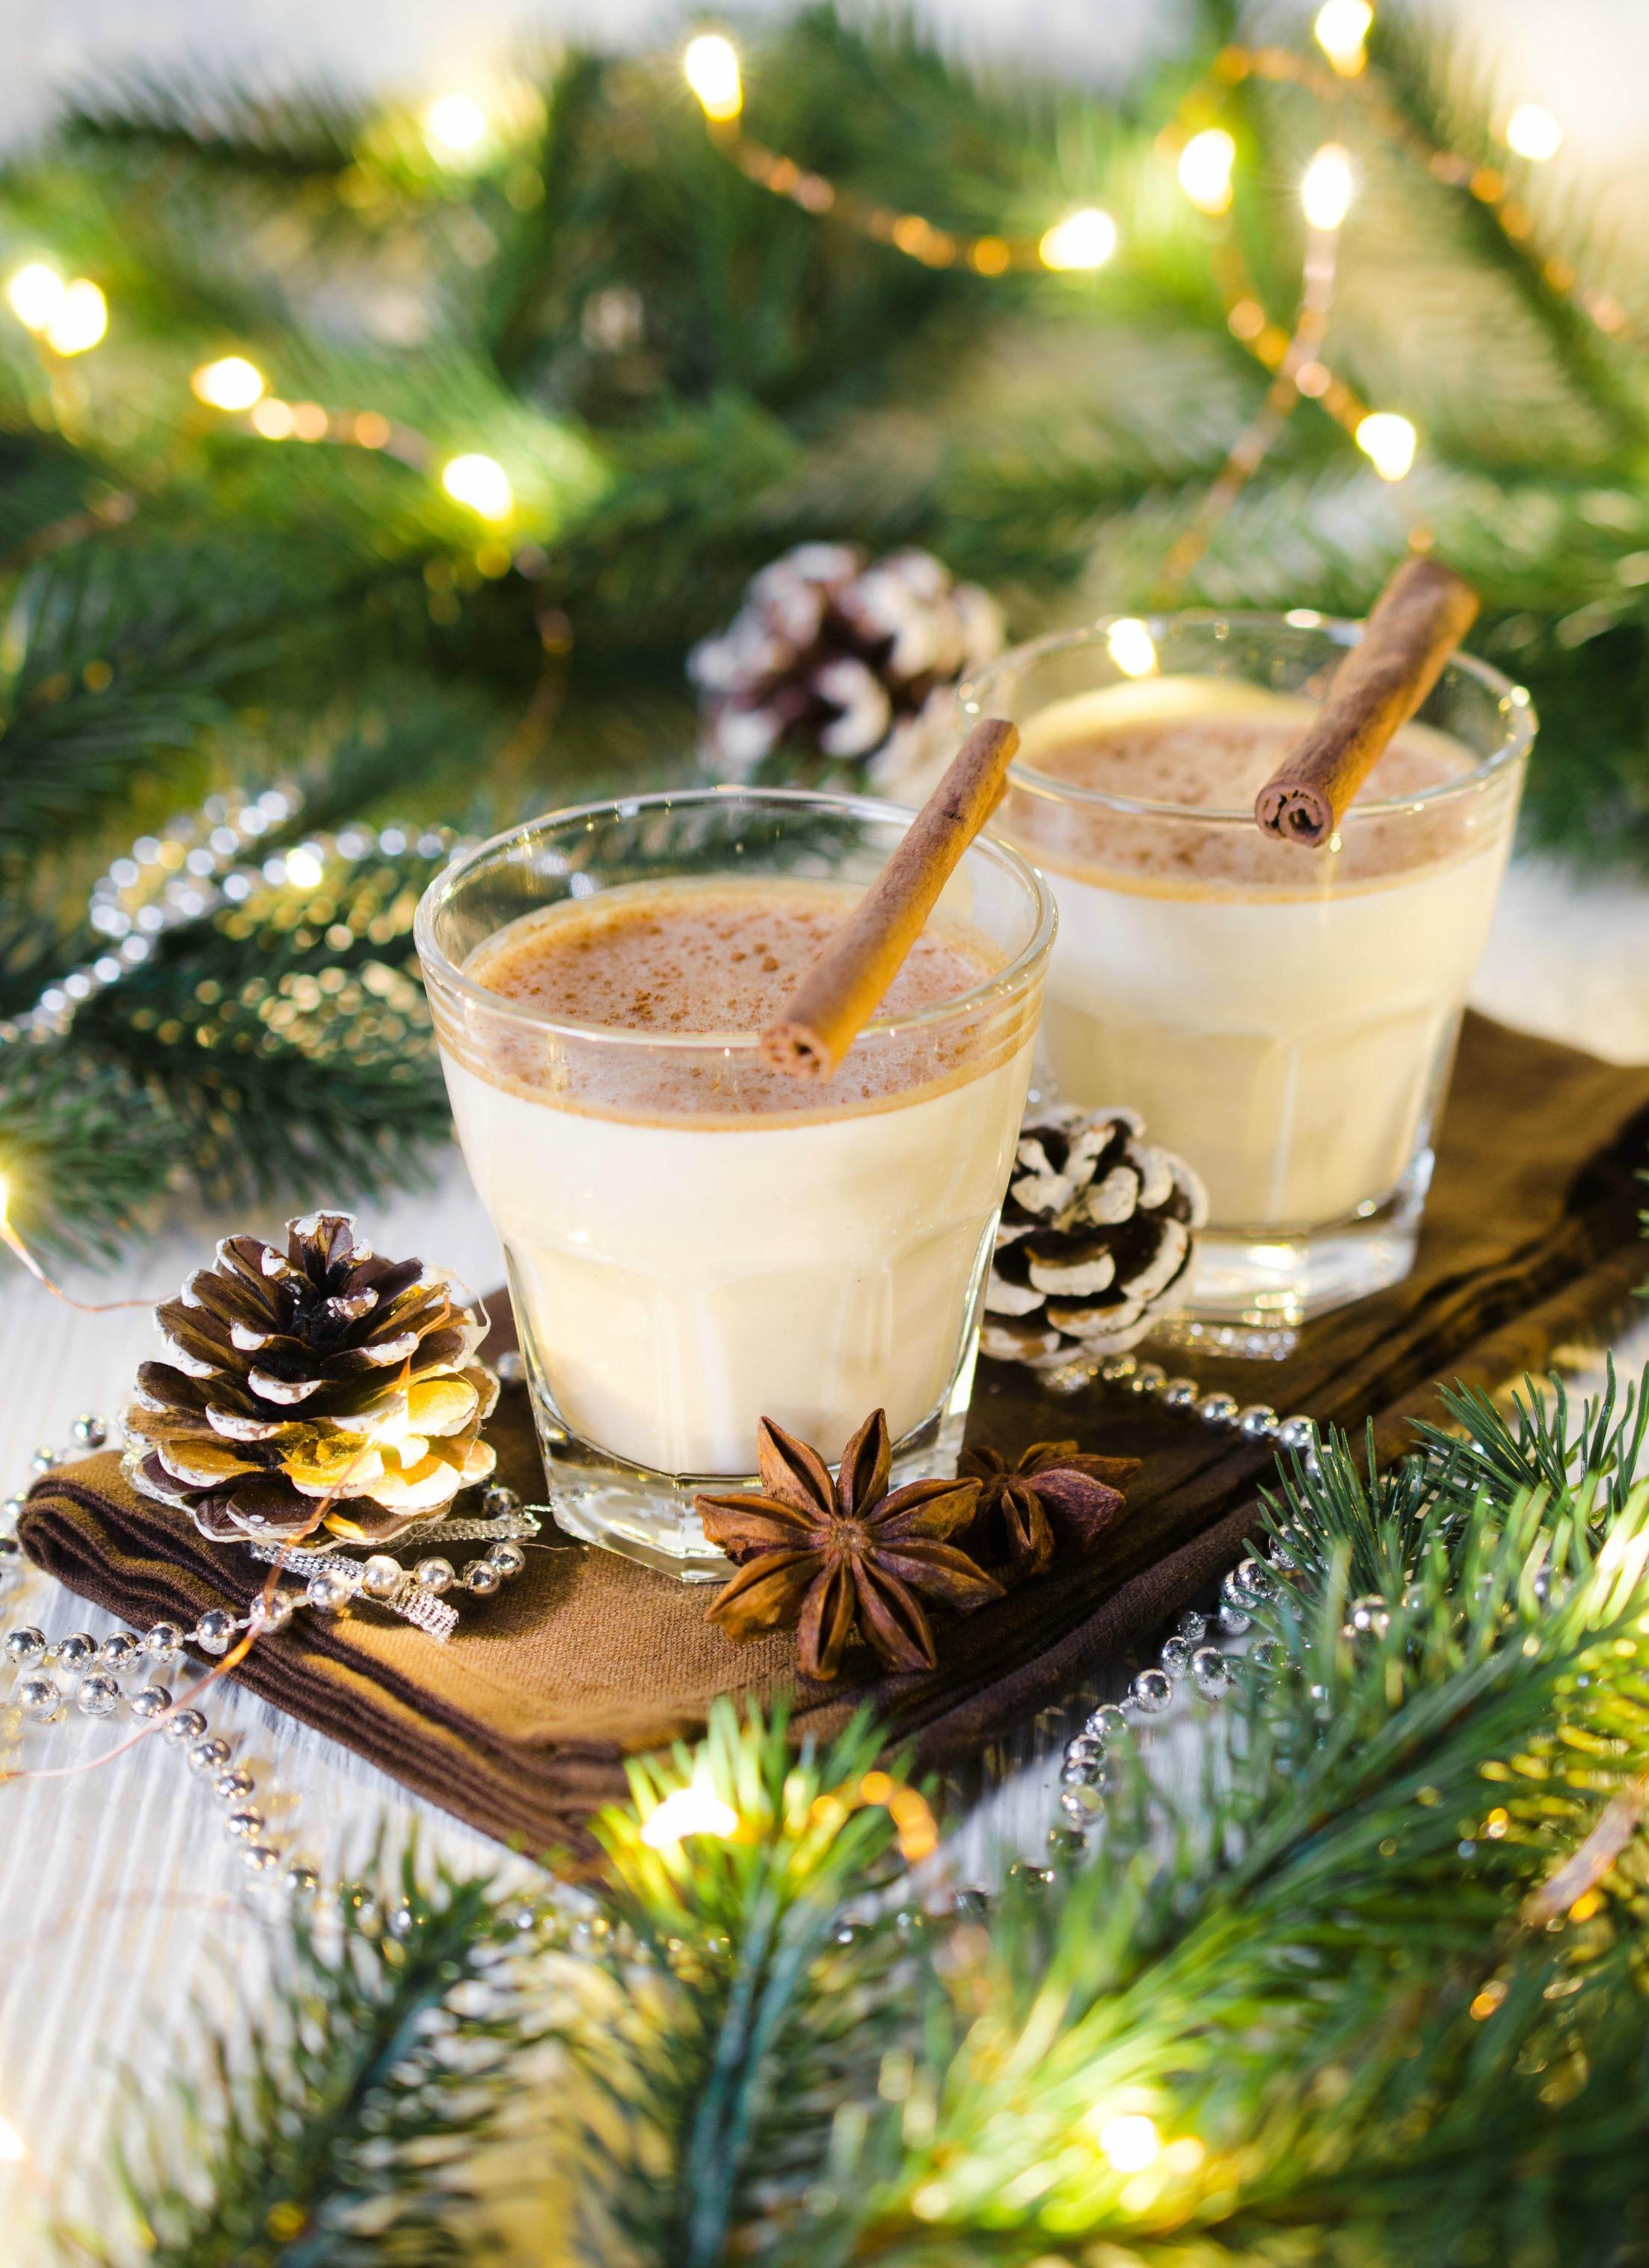 joulukalenteri joulunen moctail ressepti oma koti valkoinen -blogi